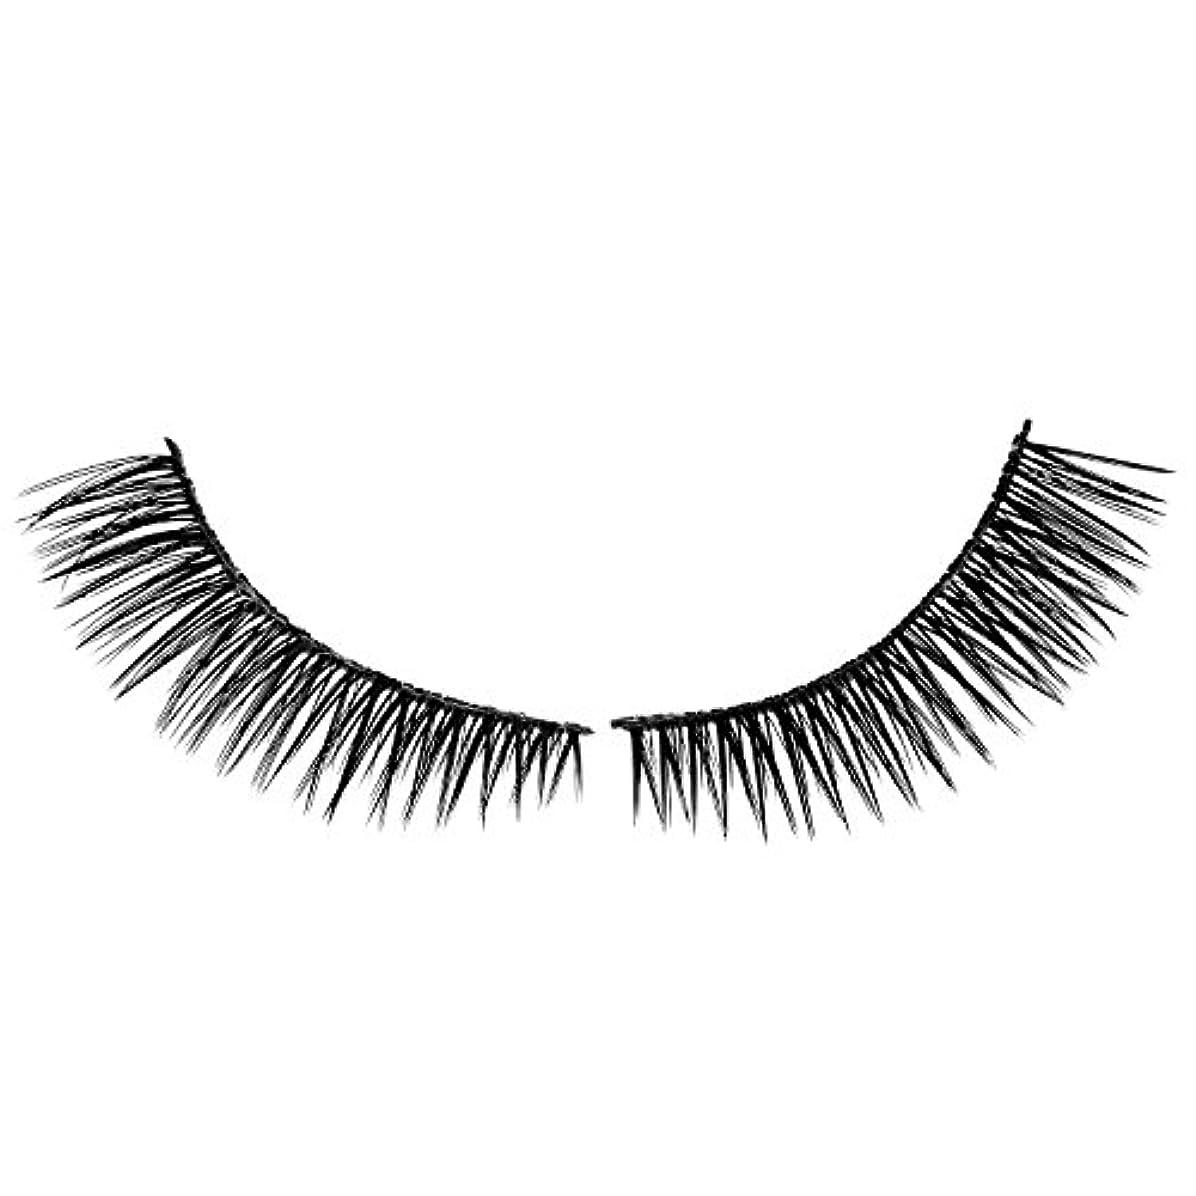 死の顎居住者関税SODIAL 1組つけまつげ人工睫毛自然美容メイクつけまつげ018